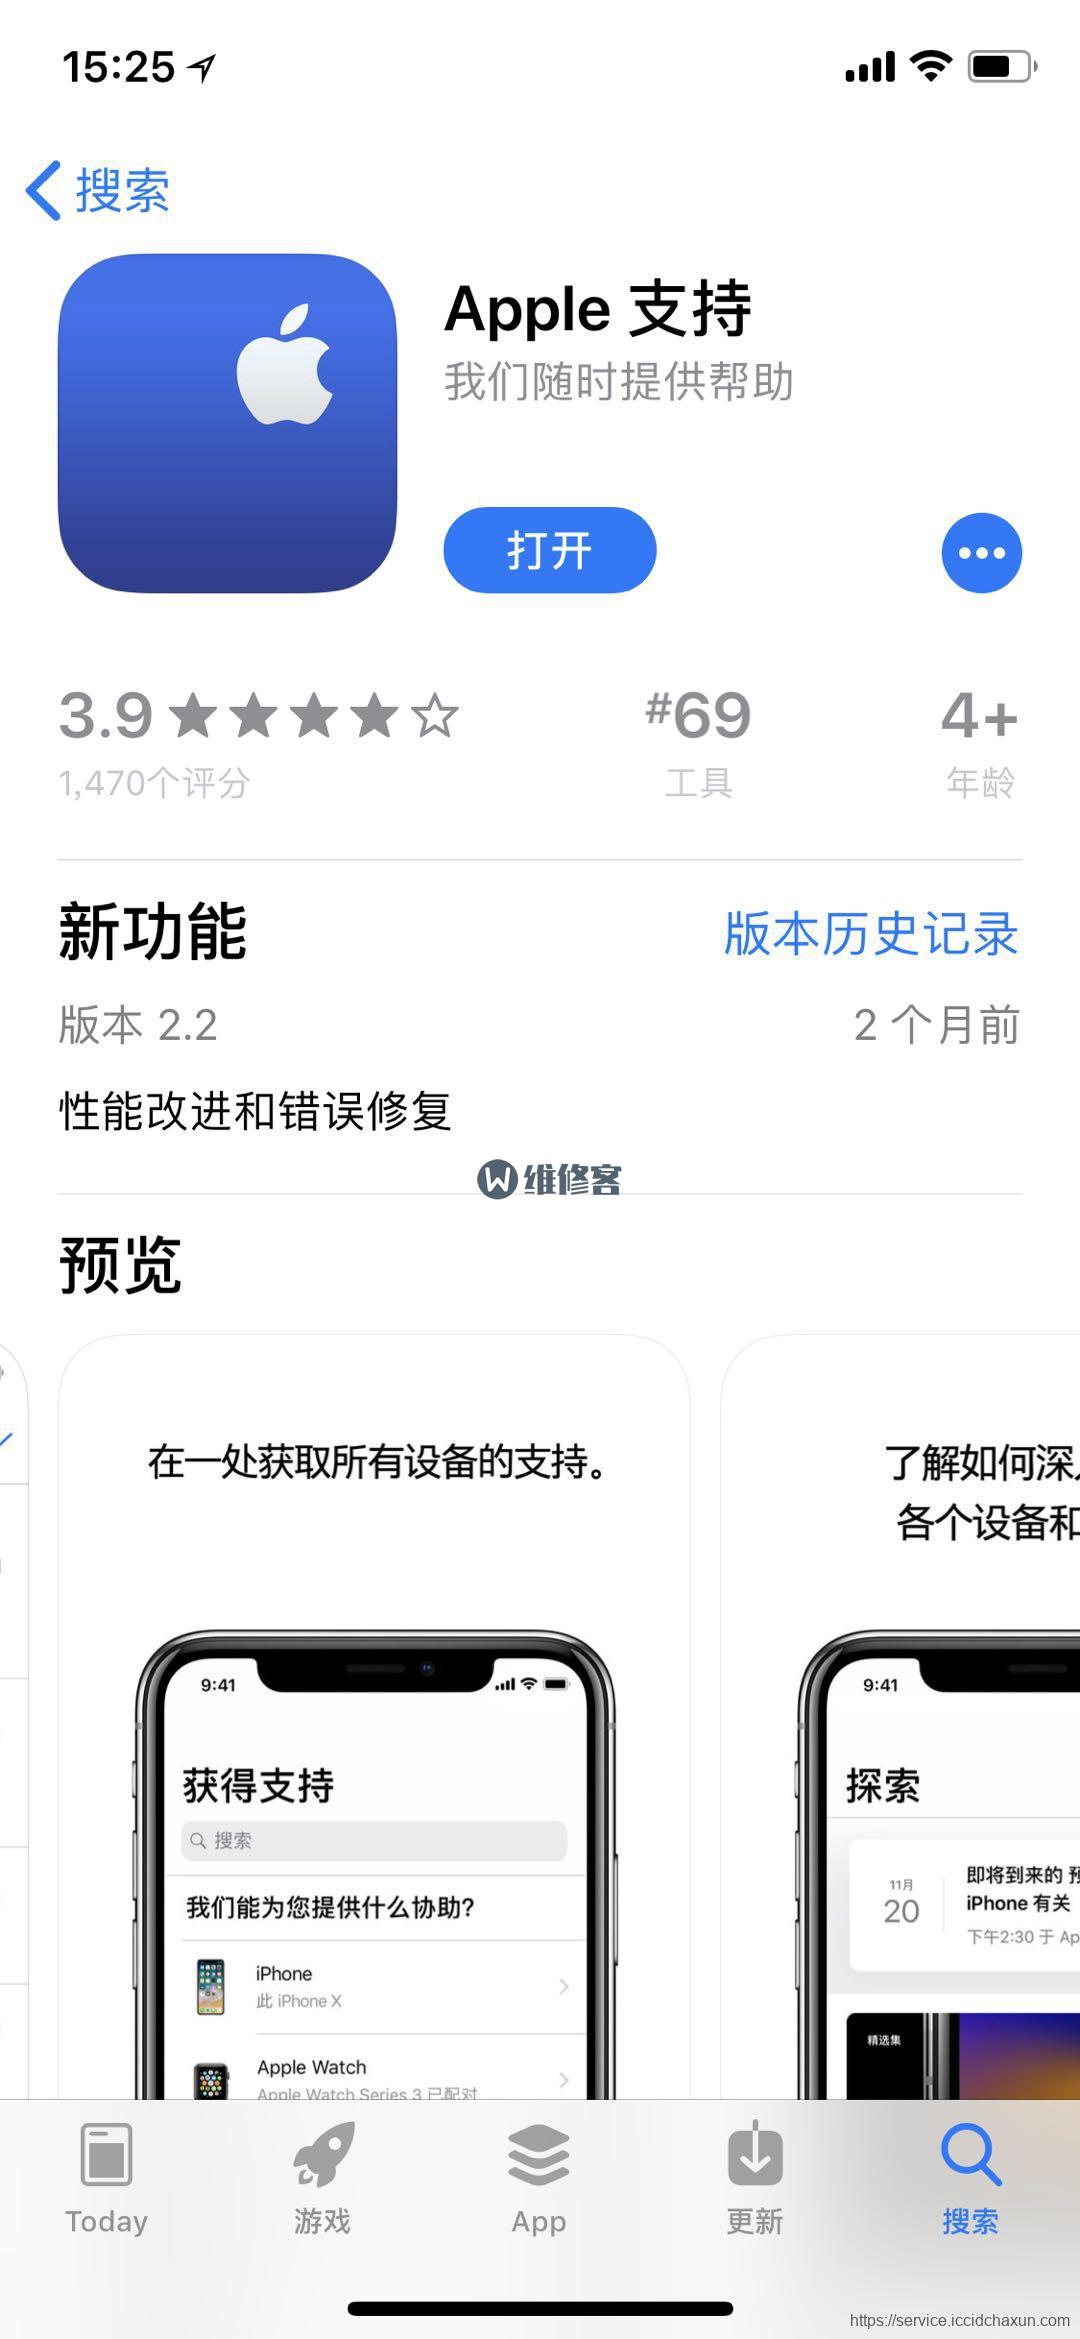 Apple支持怎么预约iphone维修-手机维修网